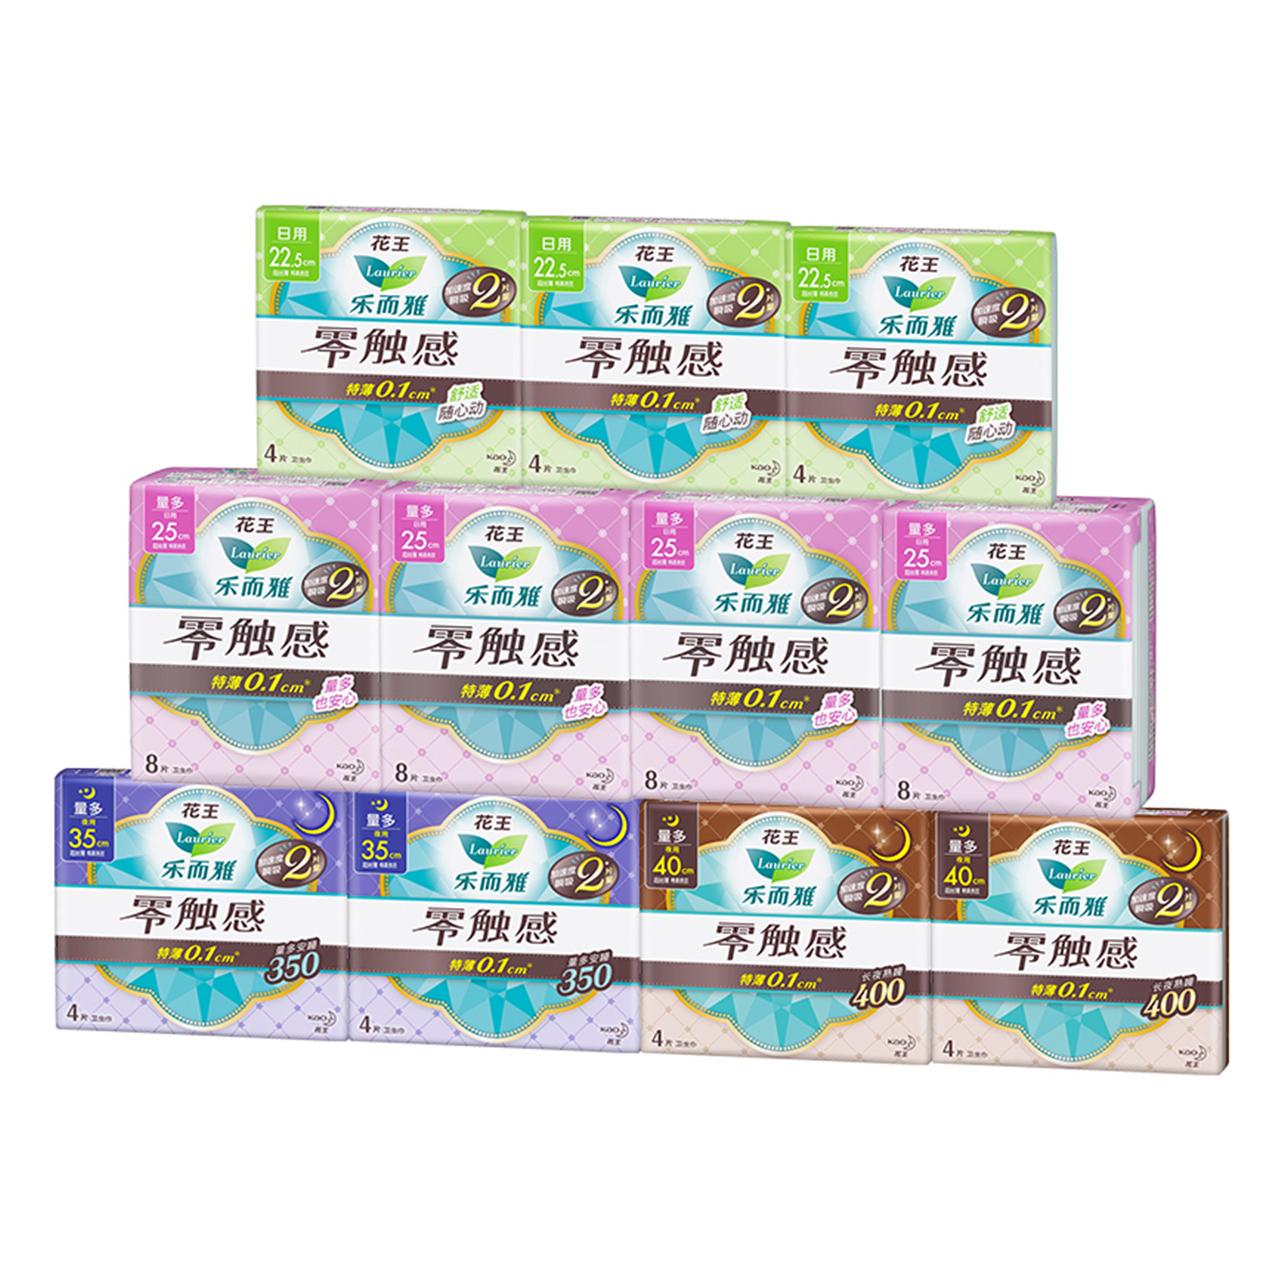 花王卫生巾乐而雅零触感全周期日夜用姨妈巾组合装整箱60片